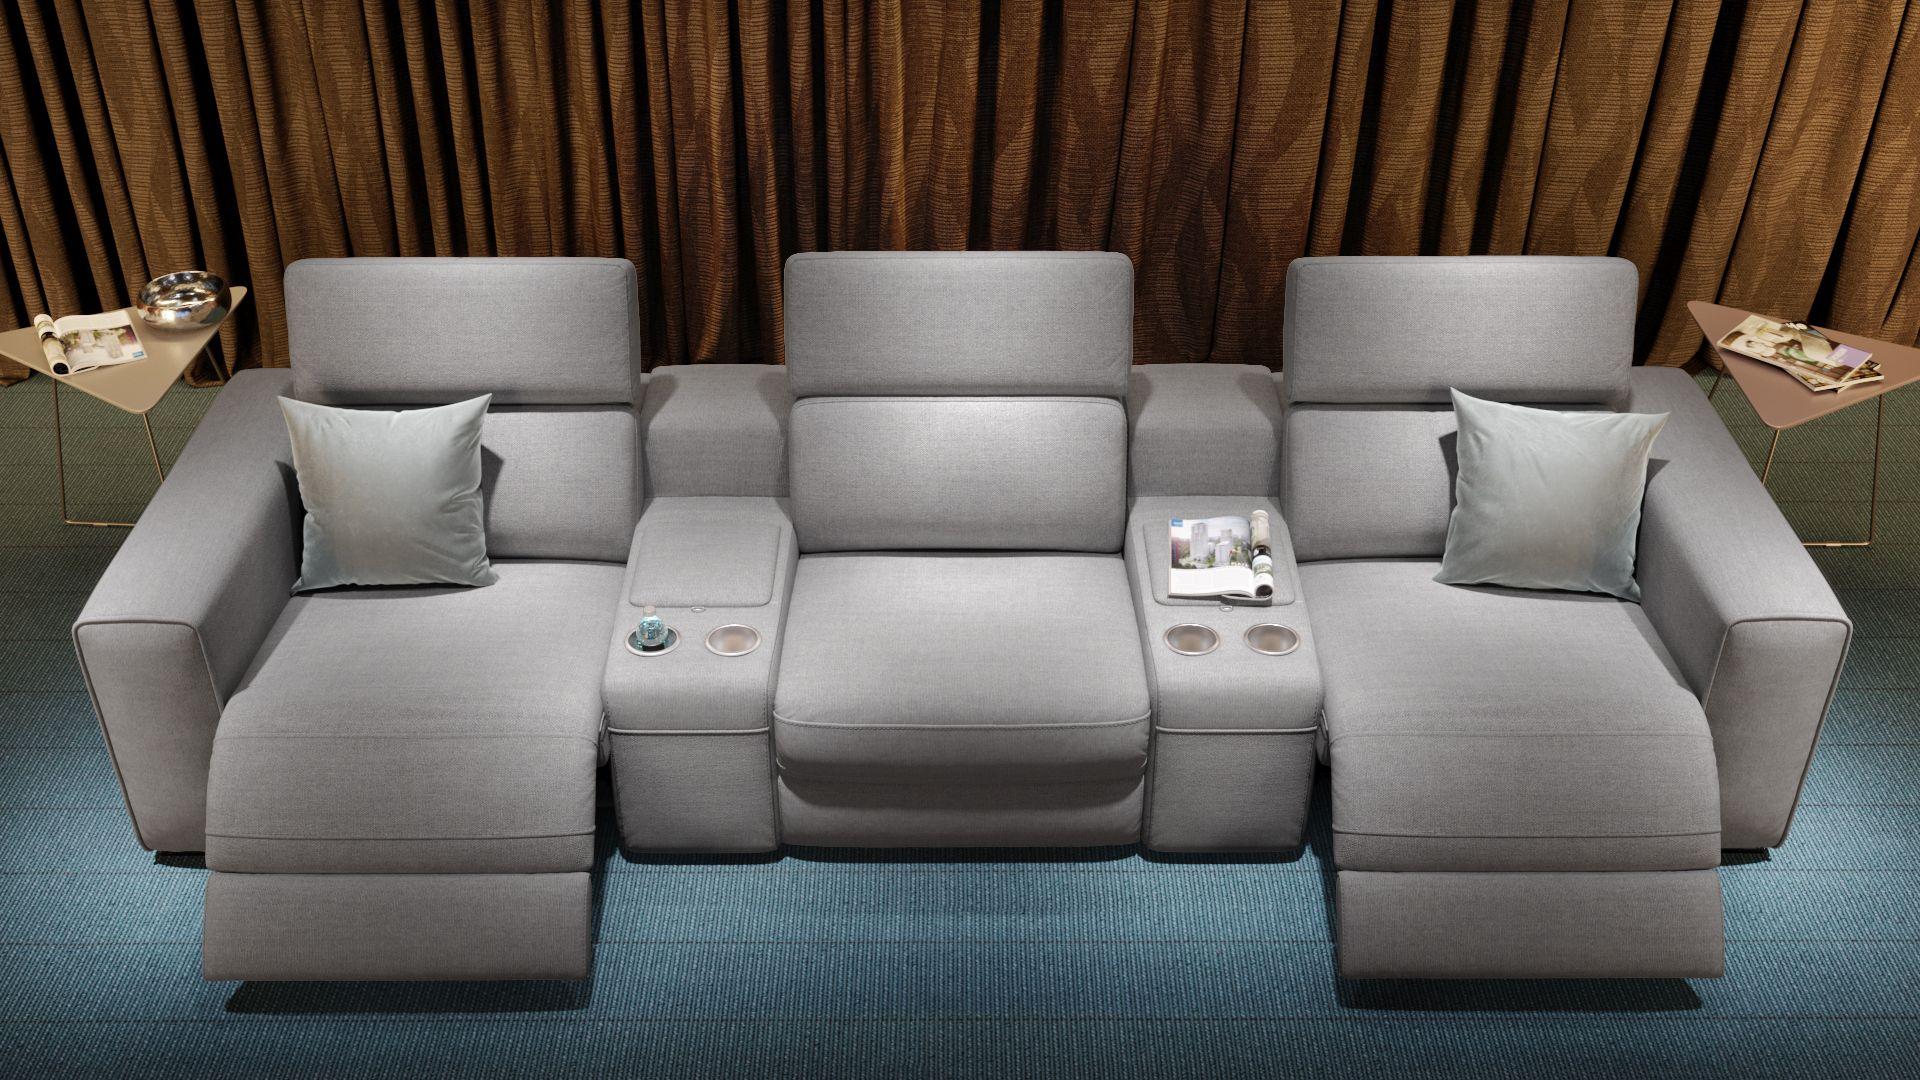 Stoff 3-Sitzer Kinosofa mit zwei Mittelkonsolen BOVINO